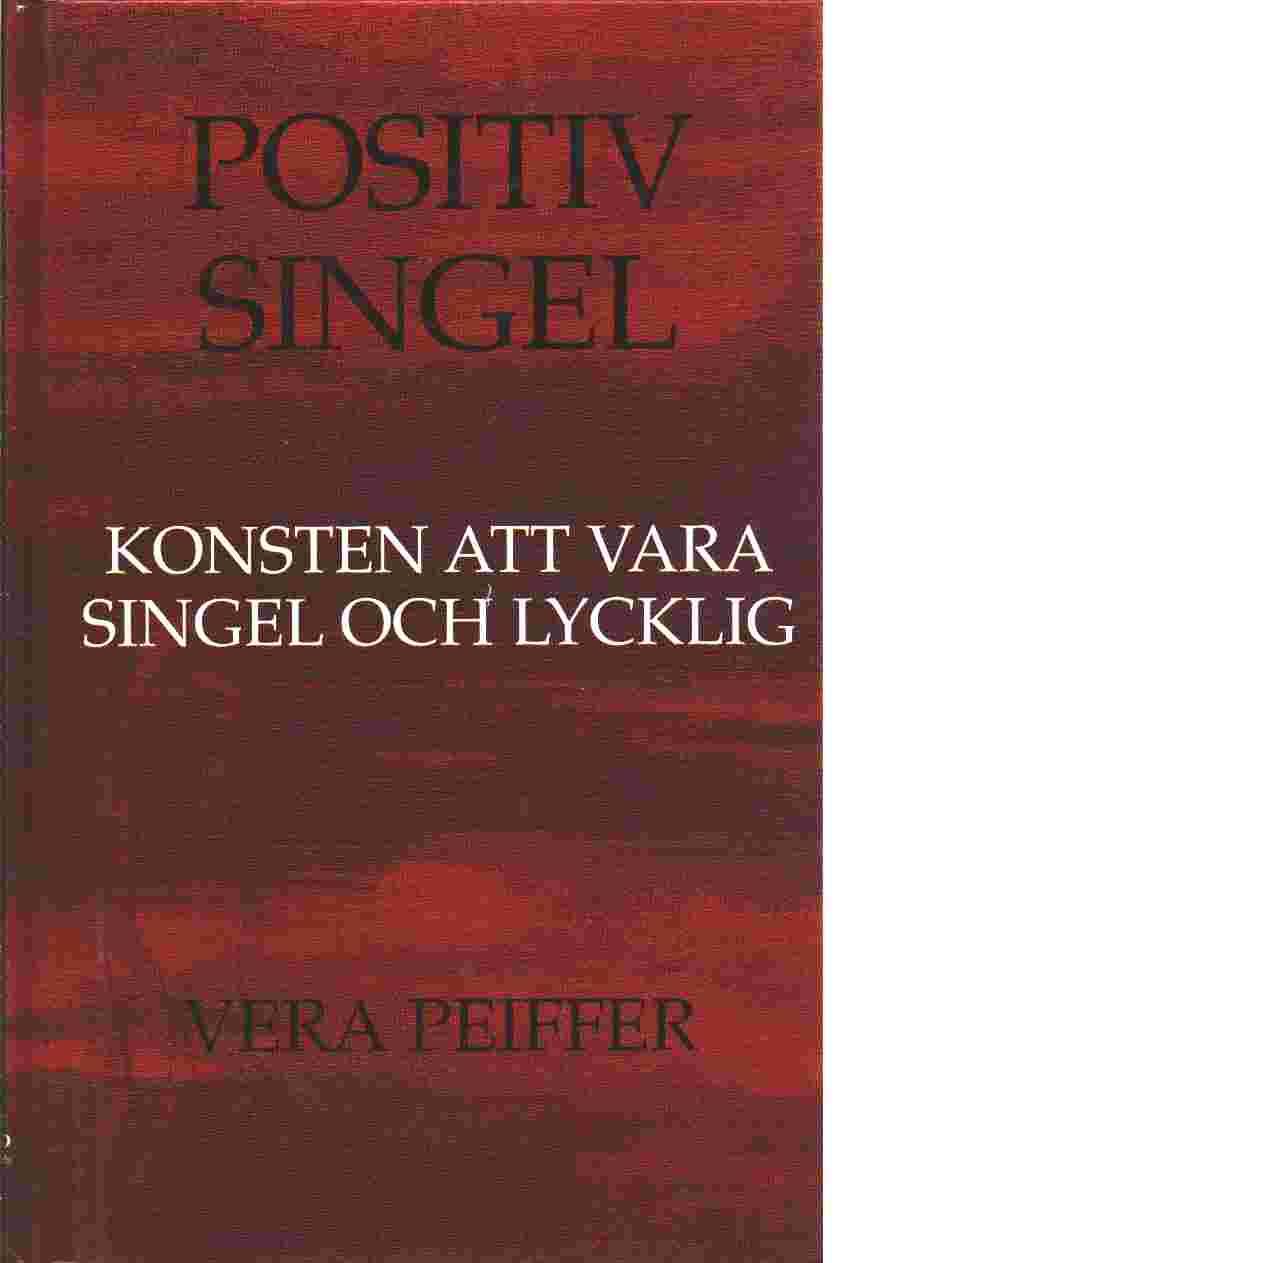 Positiv singel : konsten att vara singel och lycklig - Peiffer, Vera